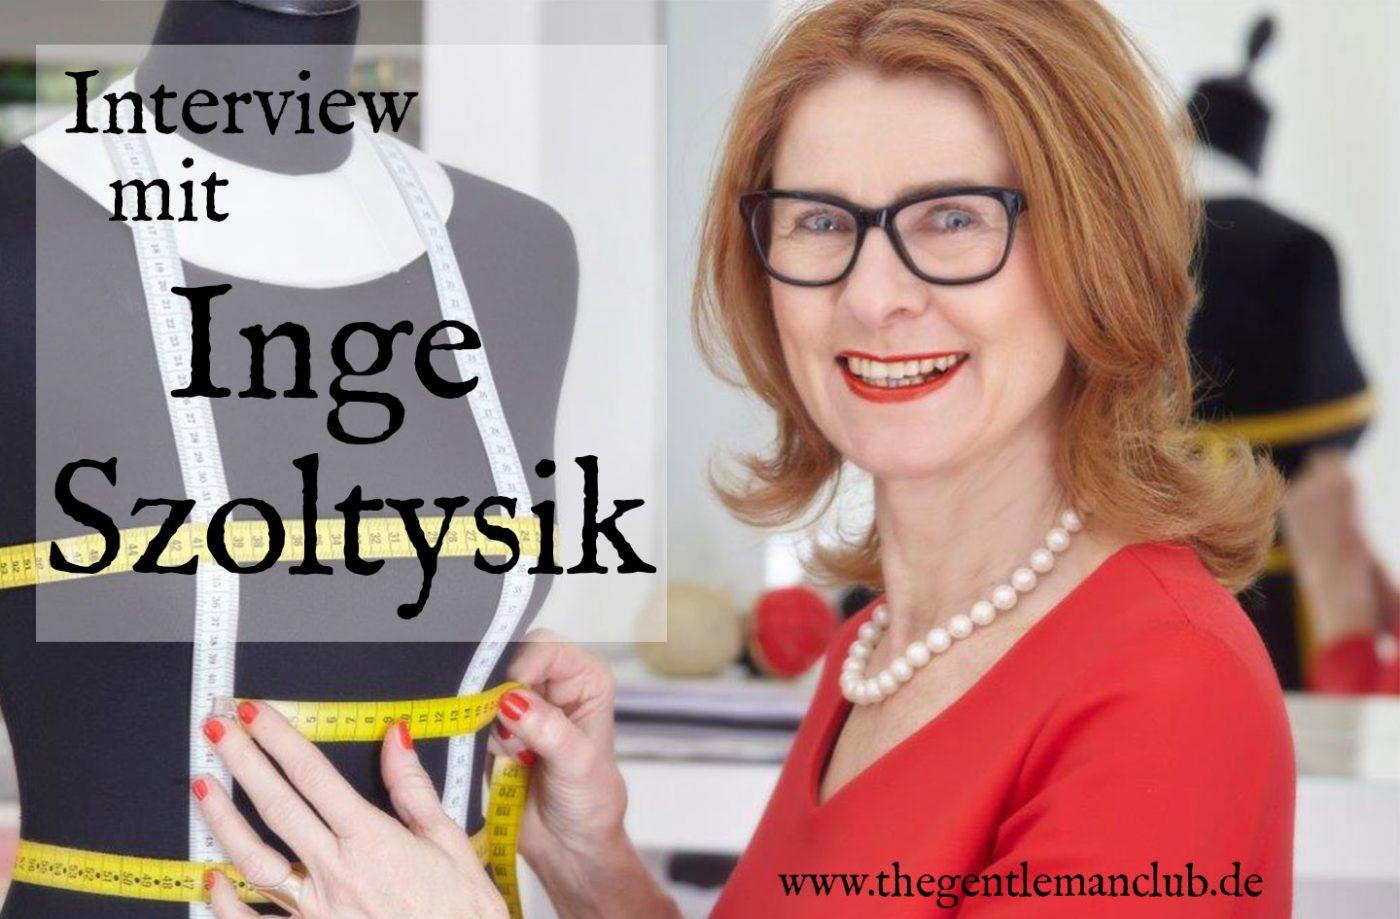 Interview mit Inge